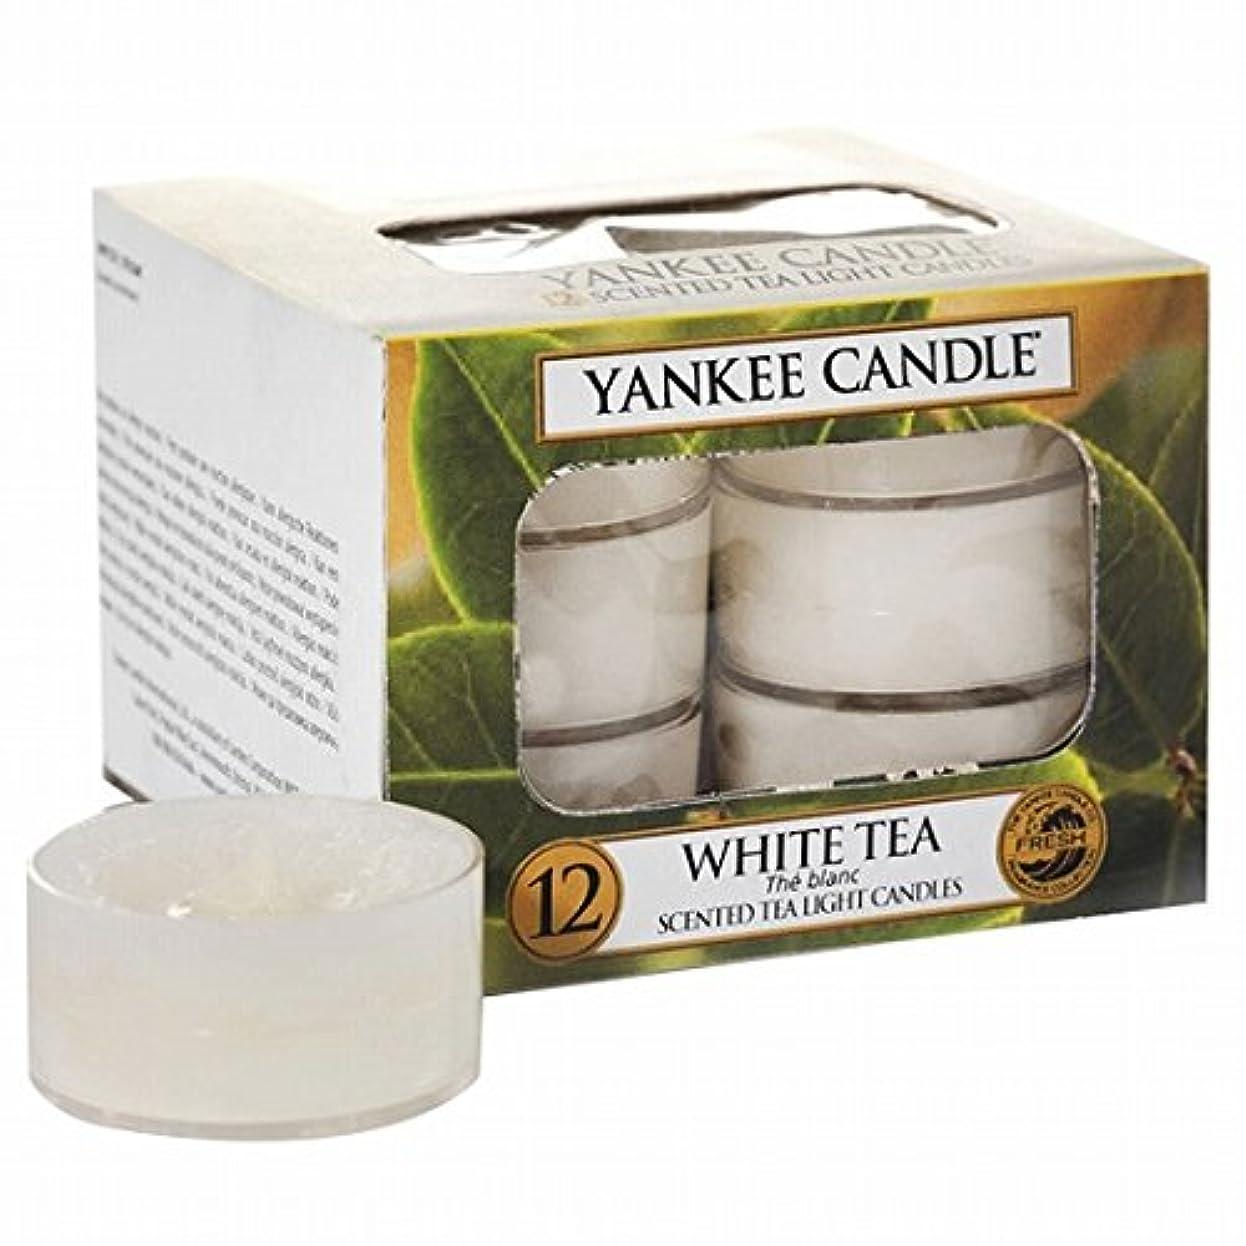 キルス送信する獲物YANKEE CANDLE(ヤンキーキャンドル) YANKEE CANDLE クリアカップティーライト12個入り 「ホワイトティー」(K00505277)